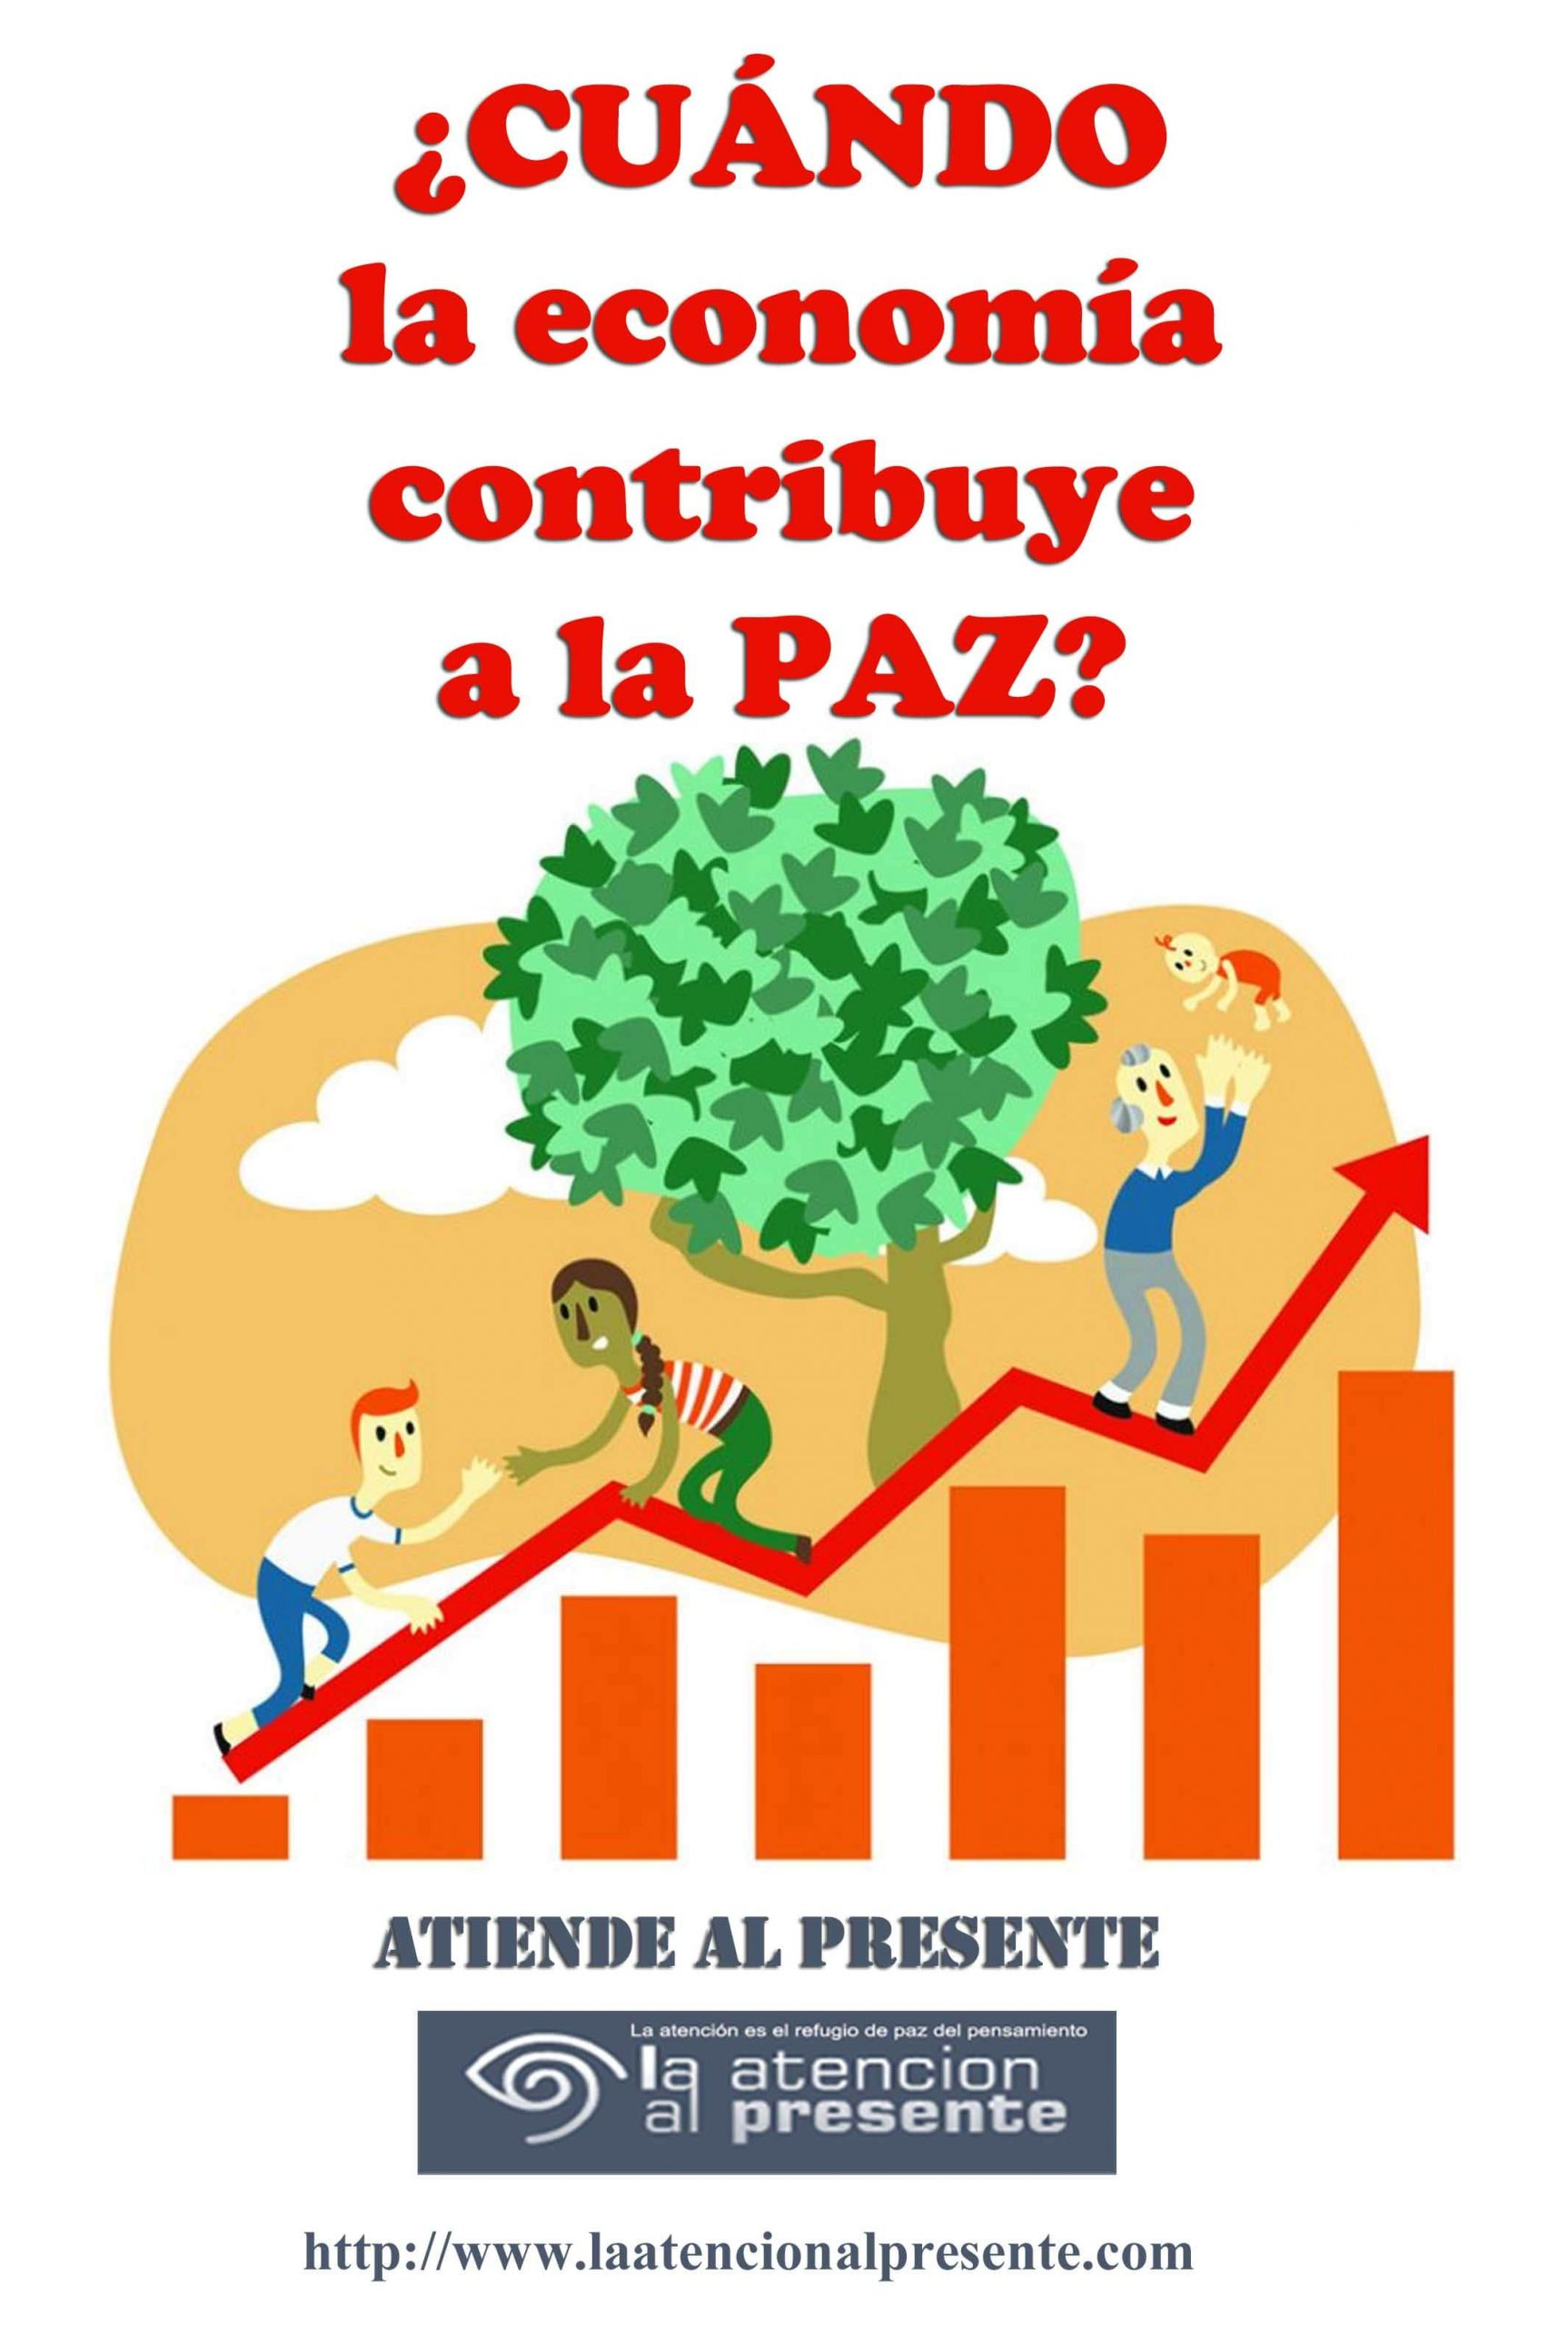 6 de mayo Esteban CUÁNDO la economía contribuye a la PAZ min scaled